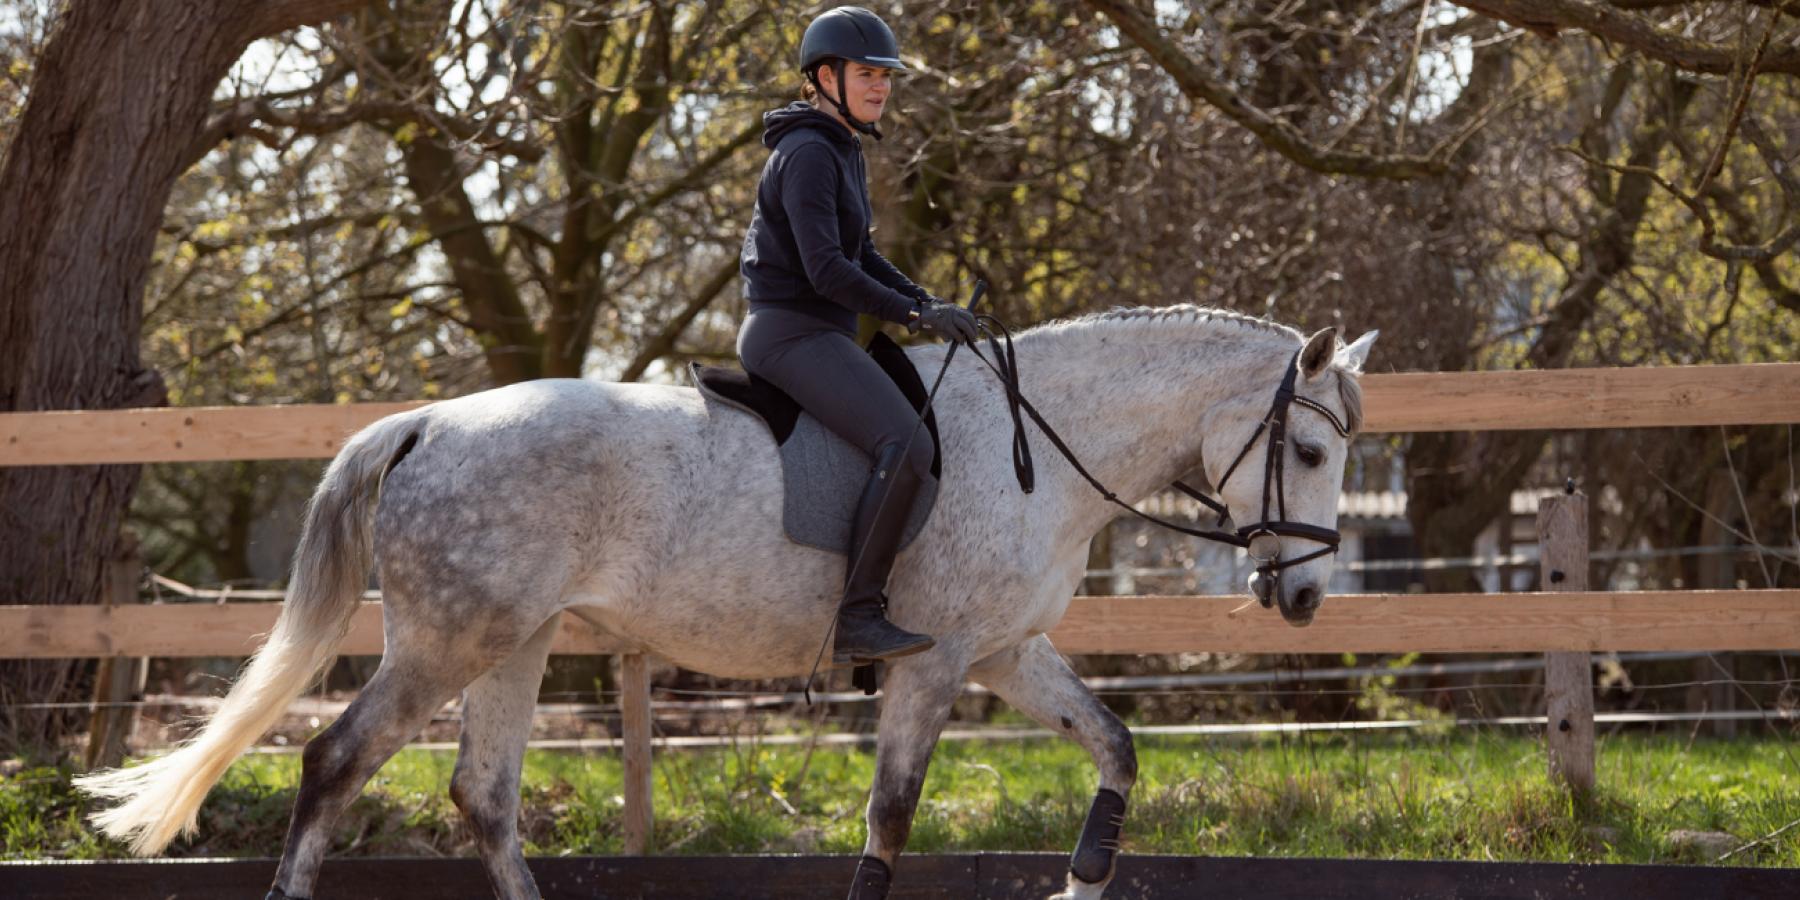 Reiter auf Pferd mit Garrido Reitkissen